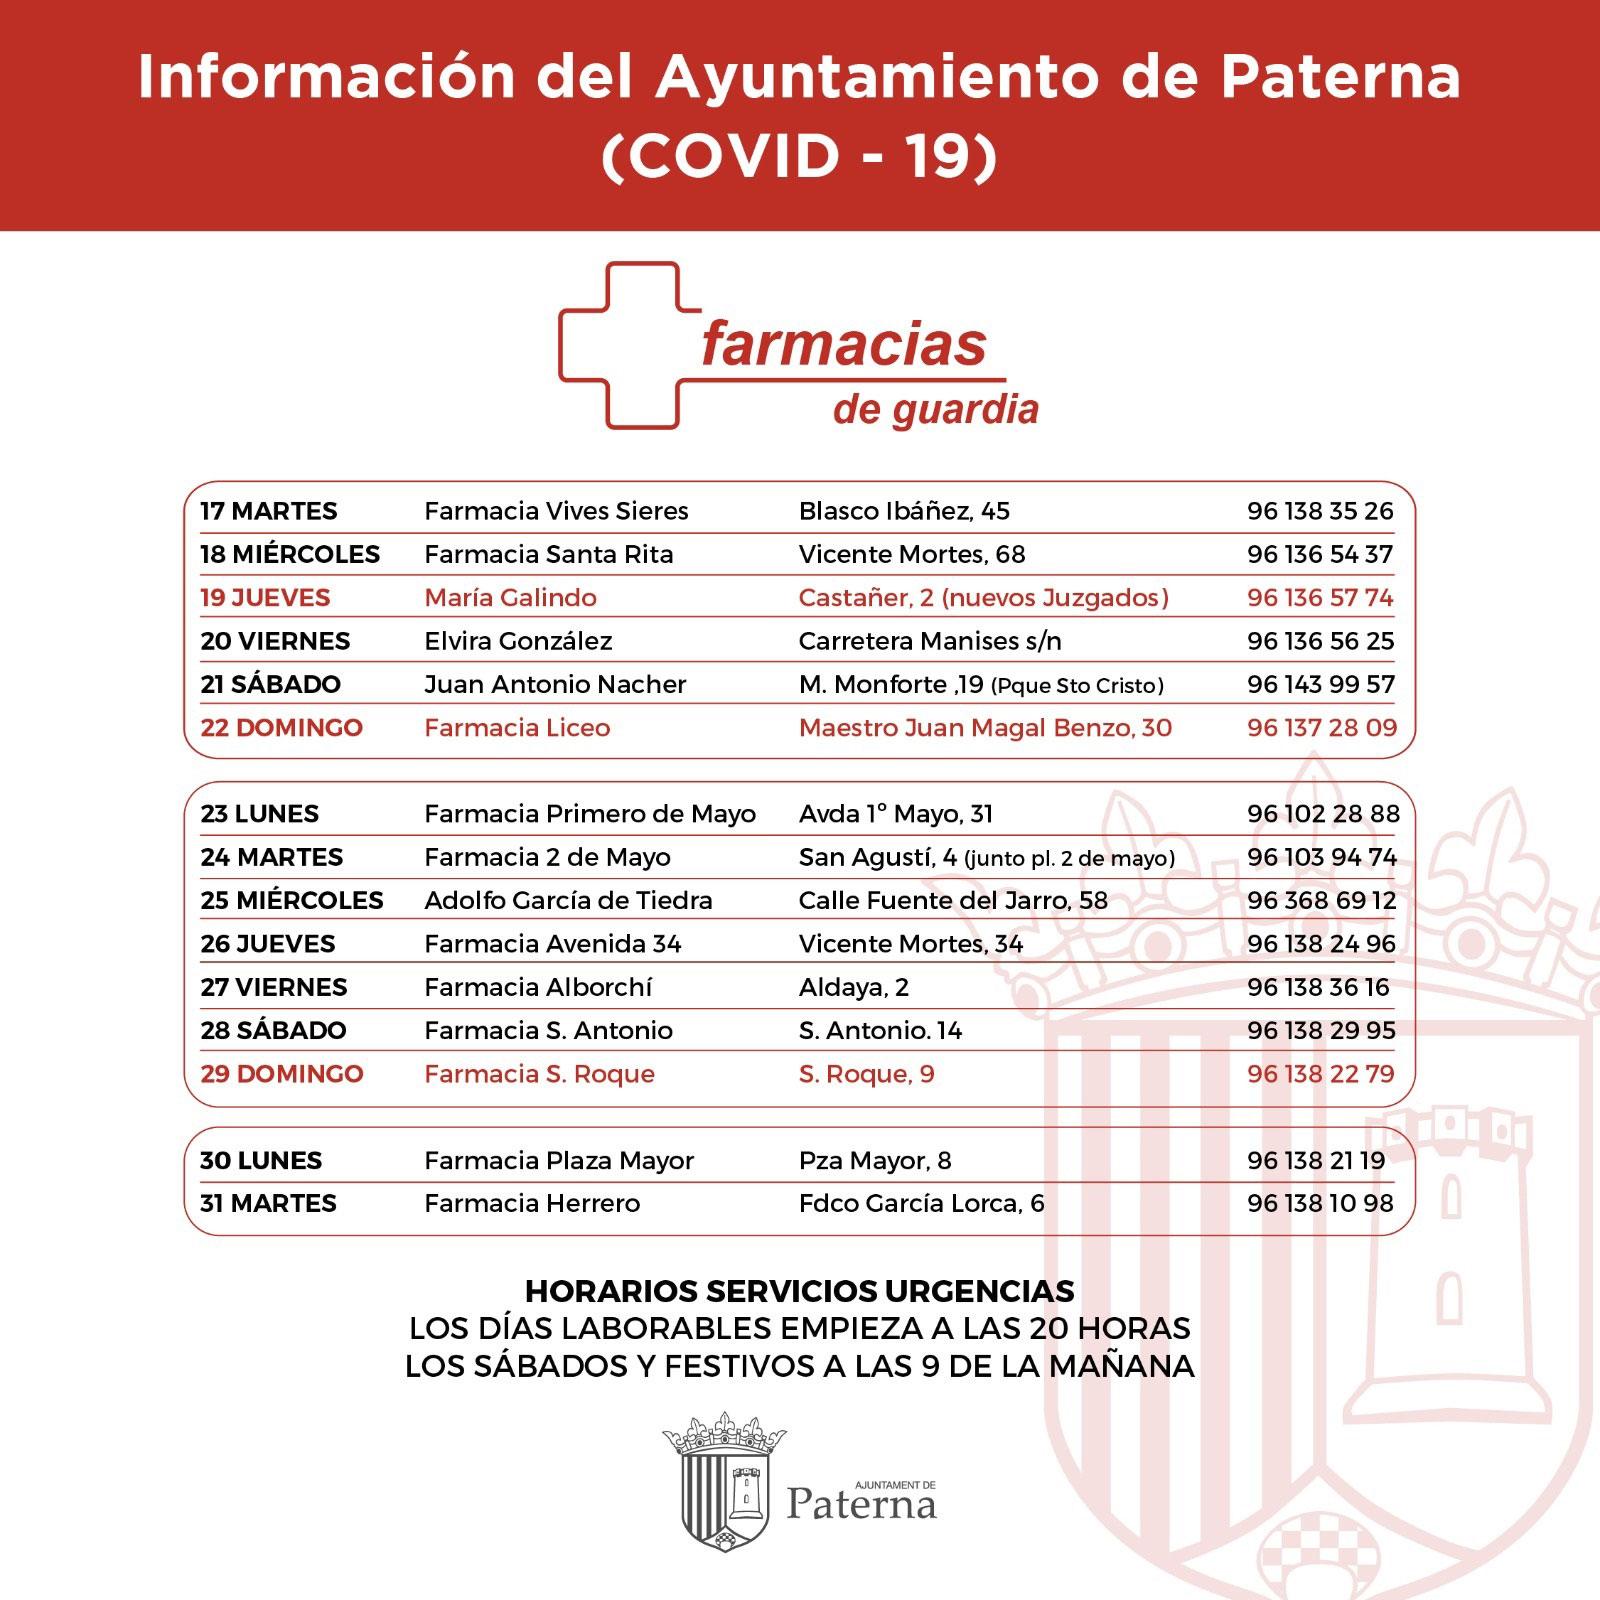 Información del Ayuntamiento de Paterna - Farmacias de guardia